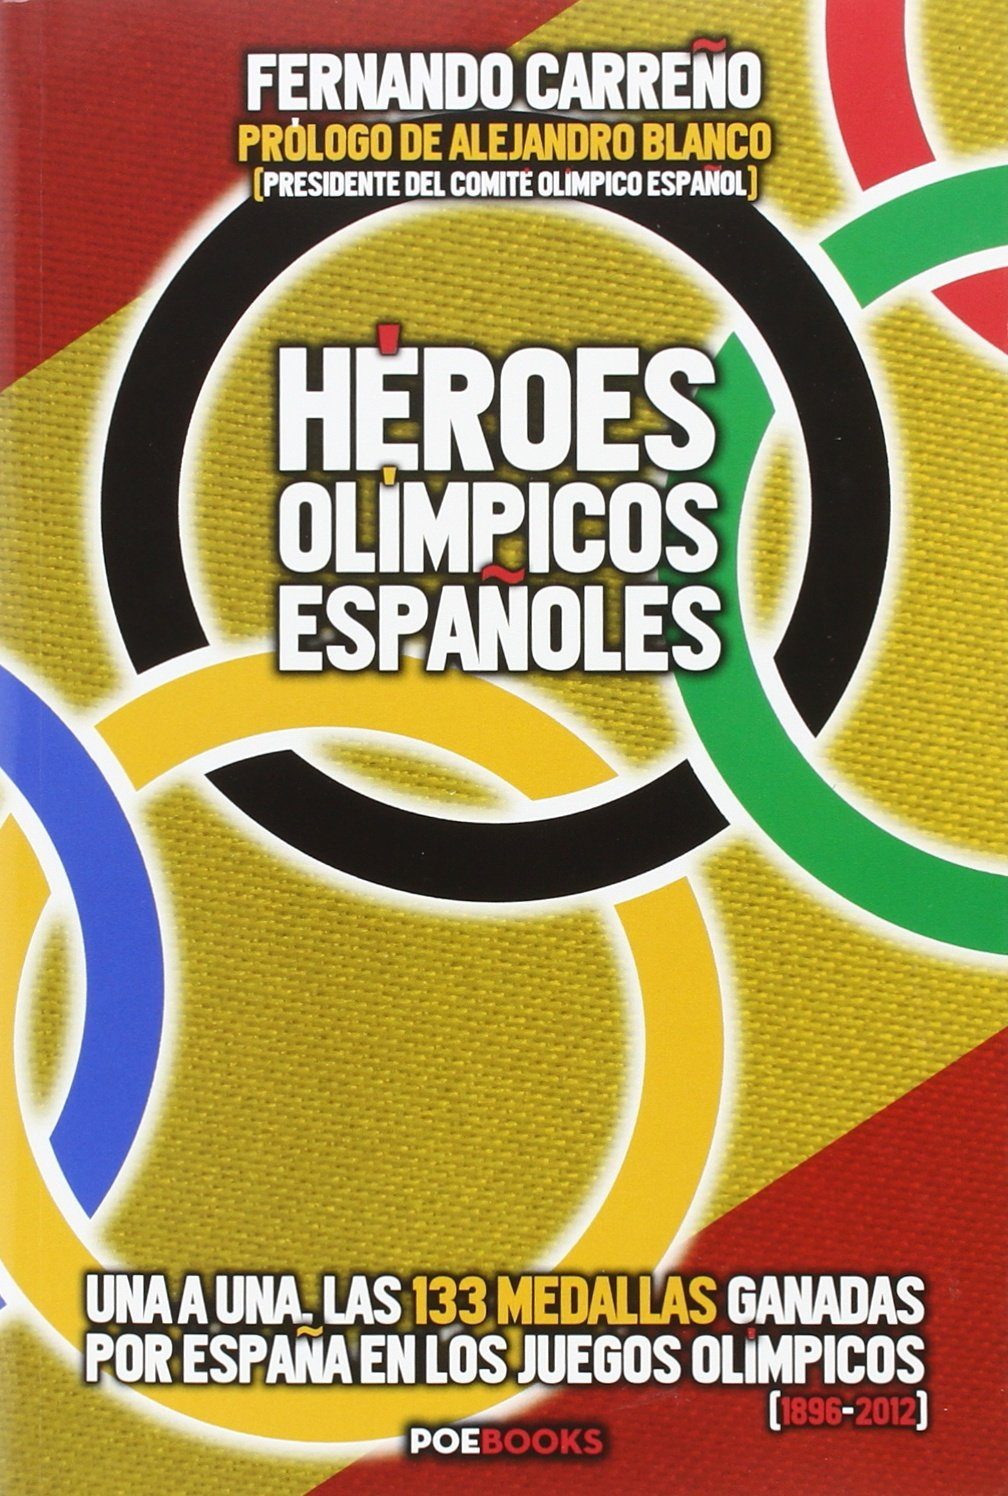 Heroes Olimpicos Españoles: Las 133 Medallas Ganadas Por España - Carreño Fernando